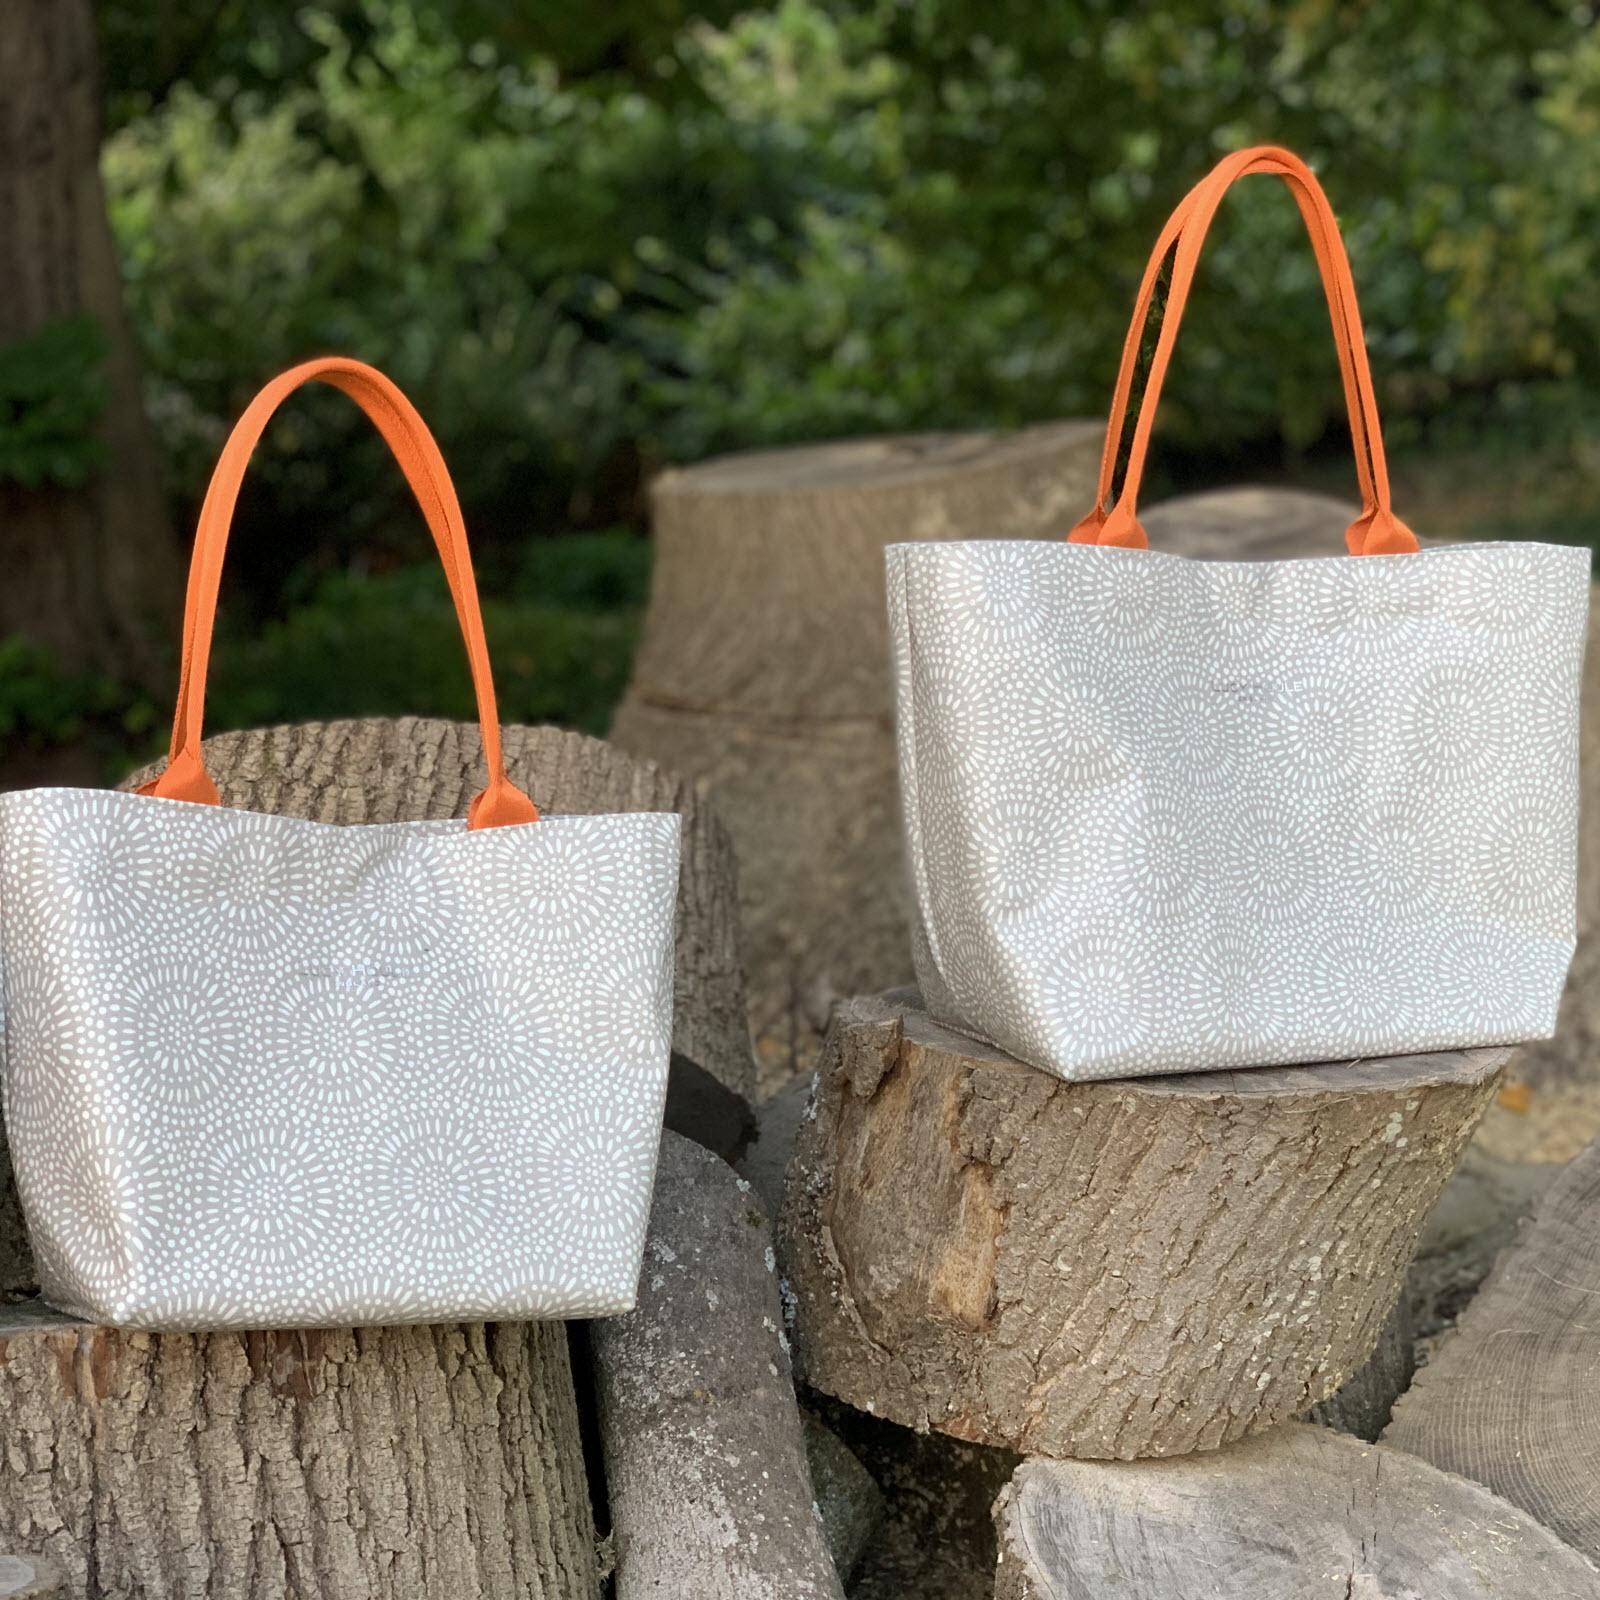 Stone Sunburst Medium Tote Bag with Orange Handles